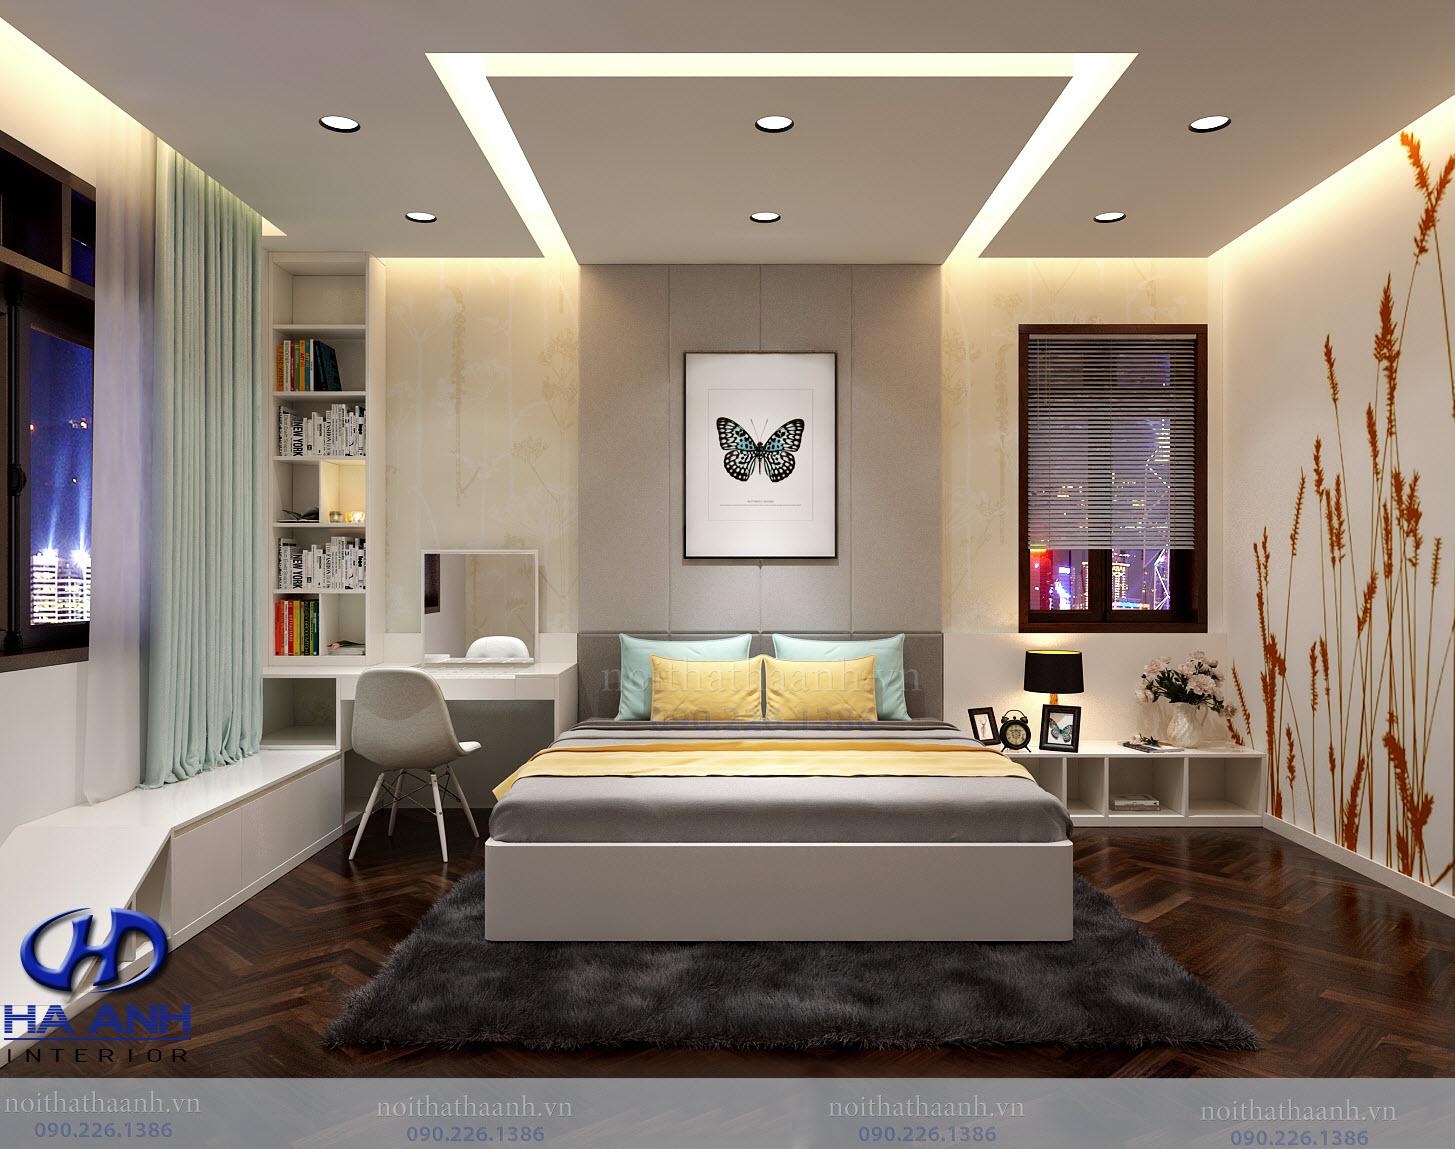 Thiết kế và thi công nội thất gia đình chị Vân TP Sơn La-3